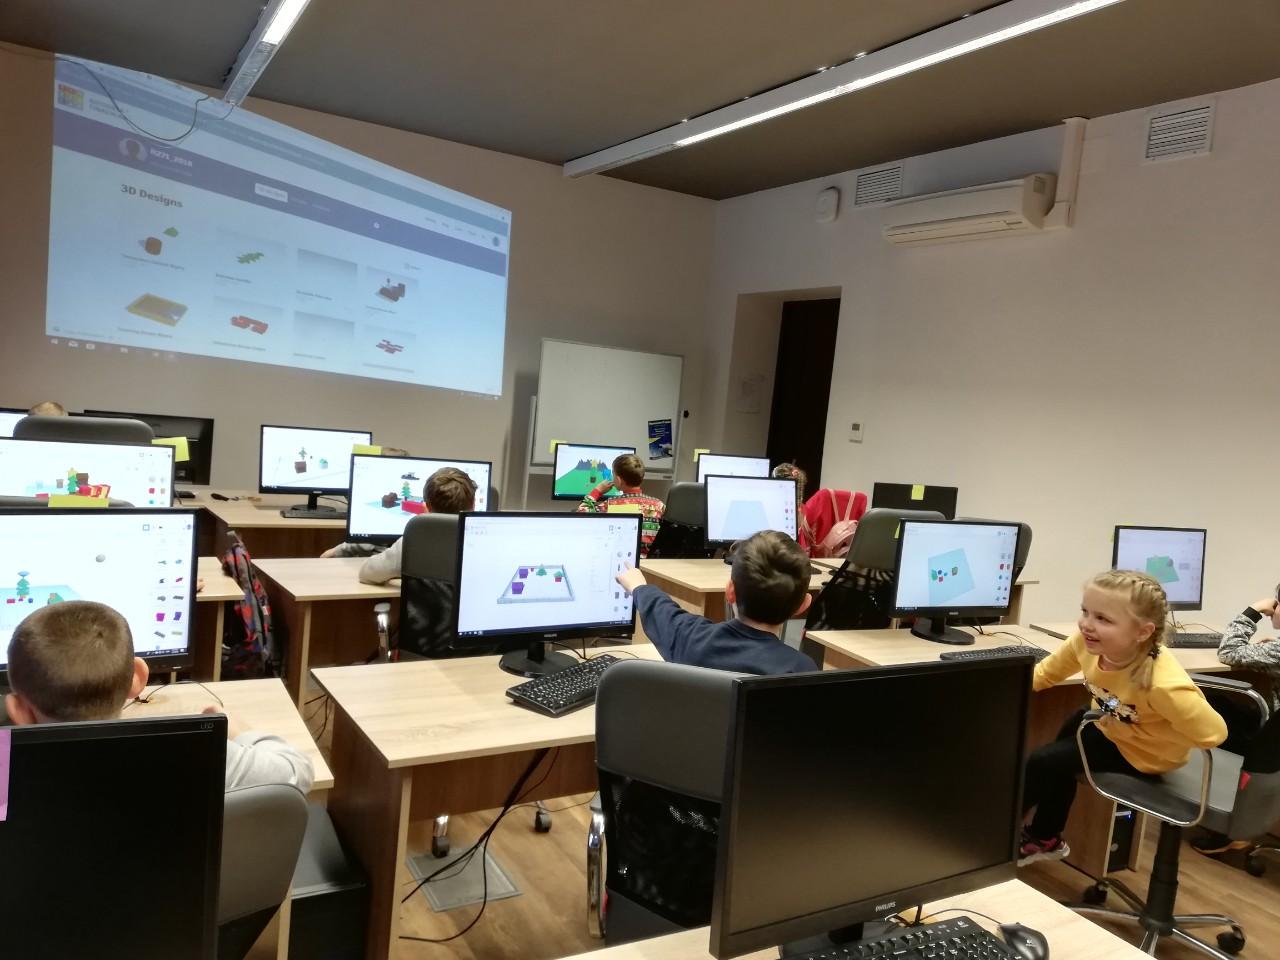 Адукацыйны цэнтр ПВТ: IT-адукацыя для дарослых і дзяцей